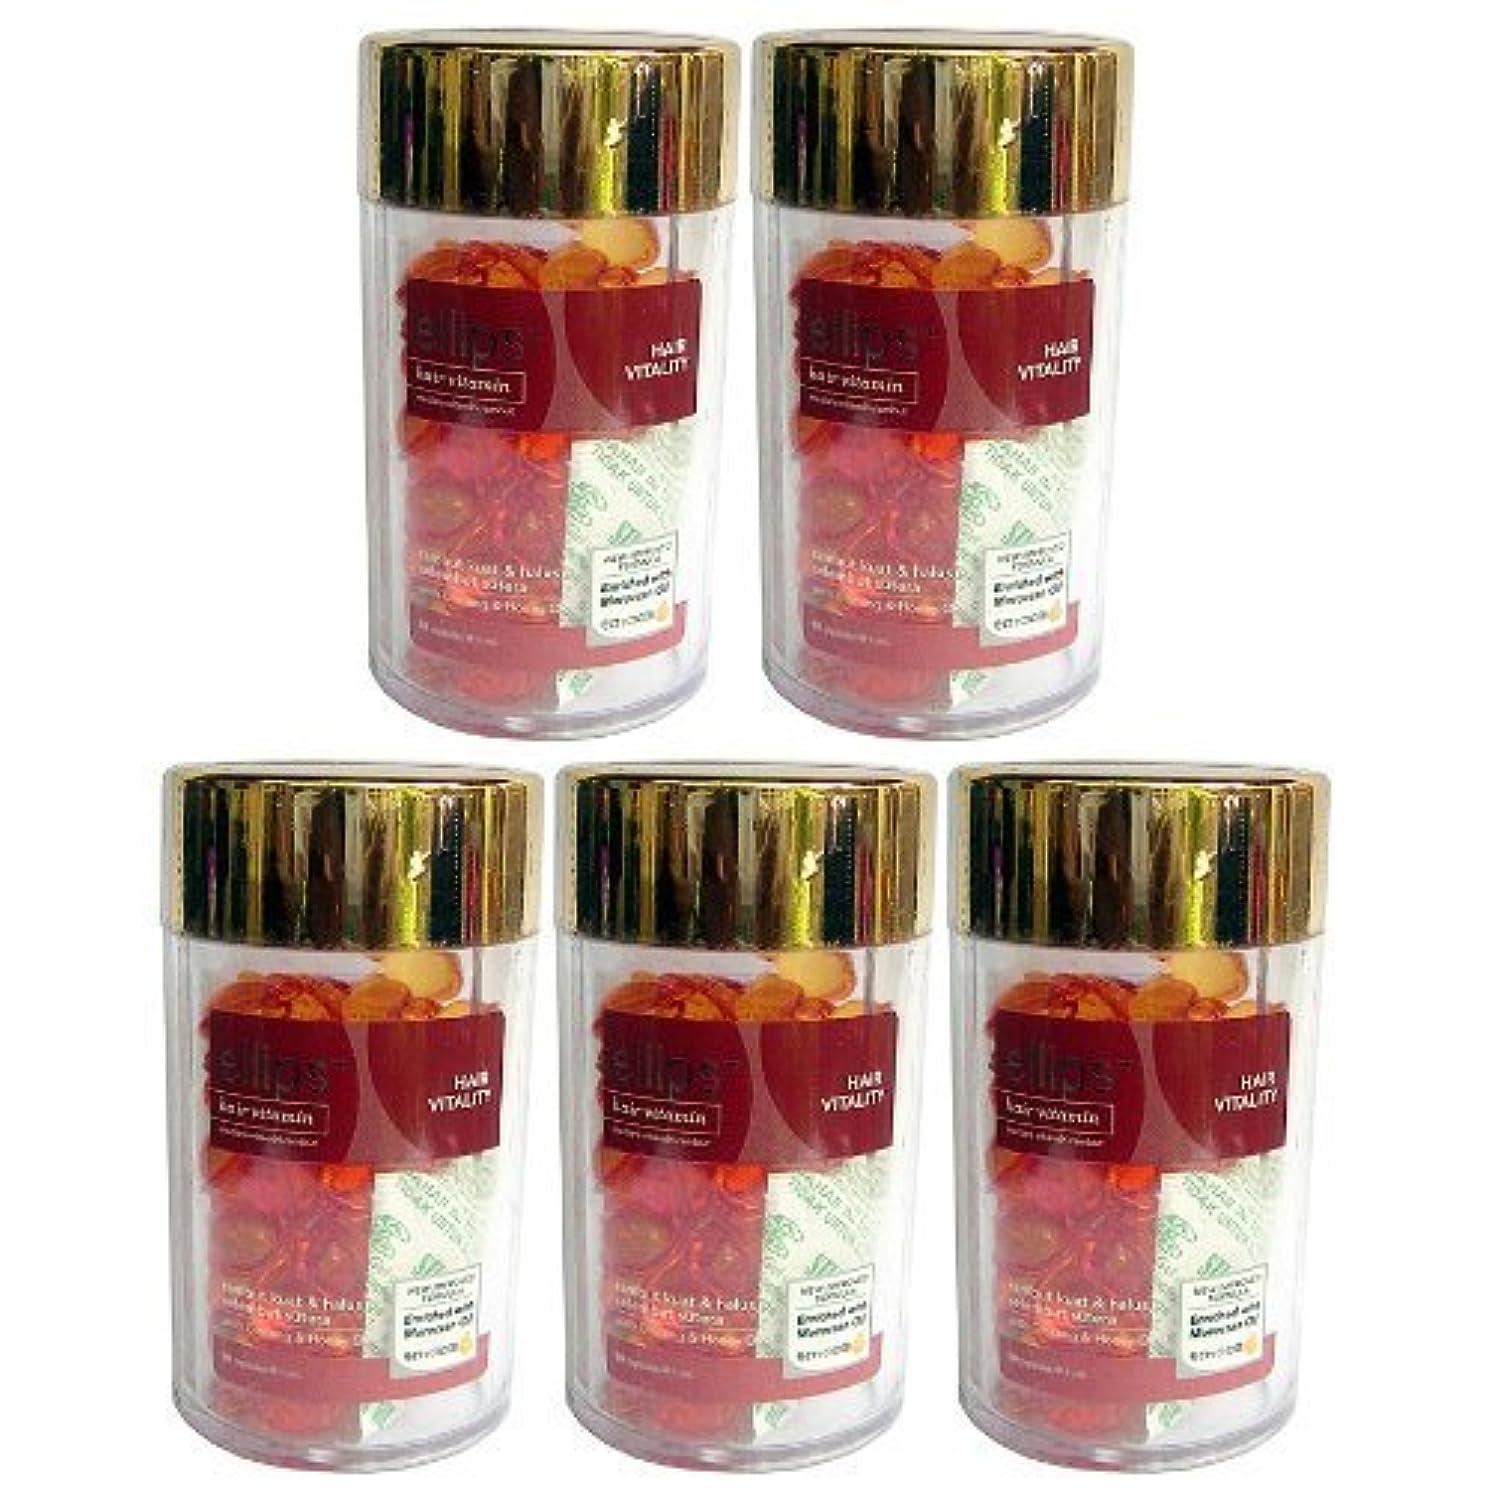 ソーセージジャグリング紀元前Ellips(エリプス)ヘアビタミン(50粒入)5個セット [並行輸入品][海外直送品] ブラウン